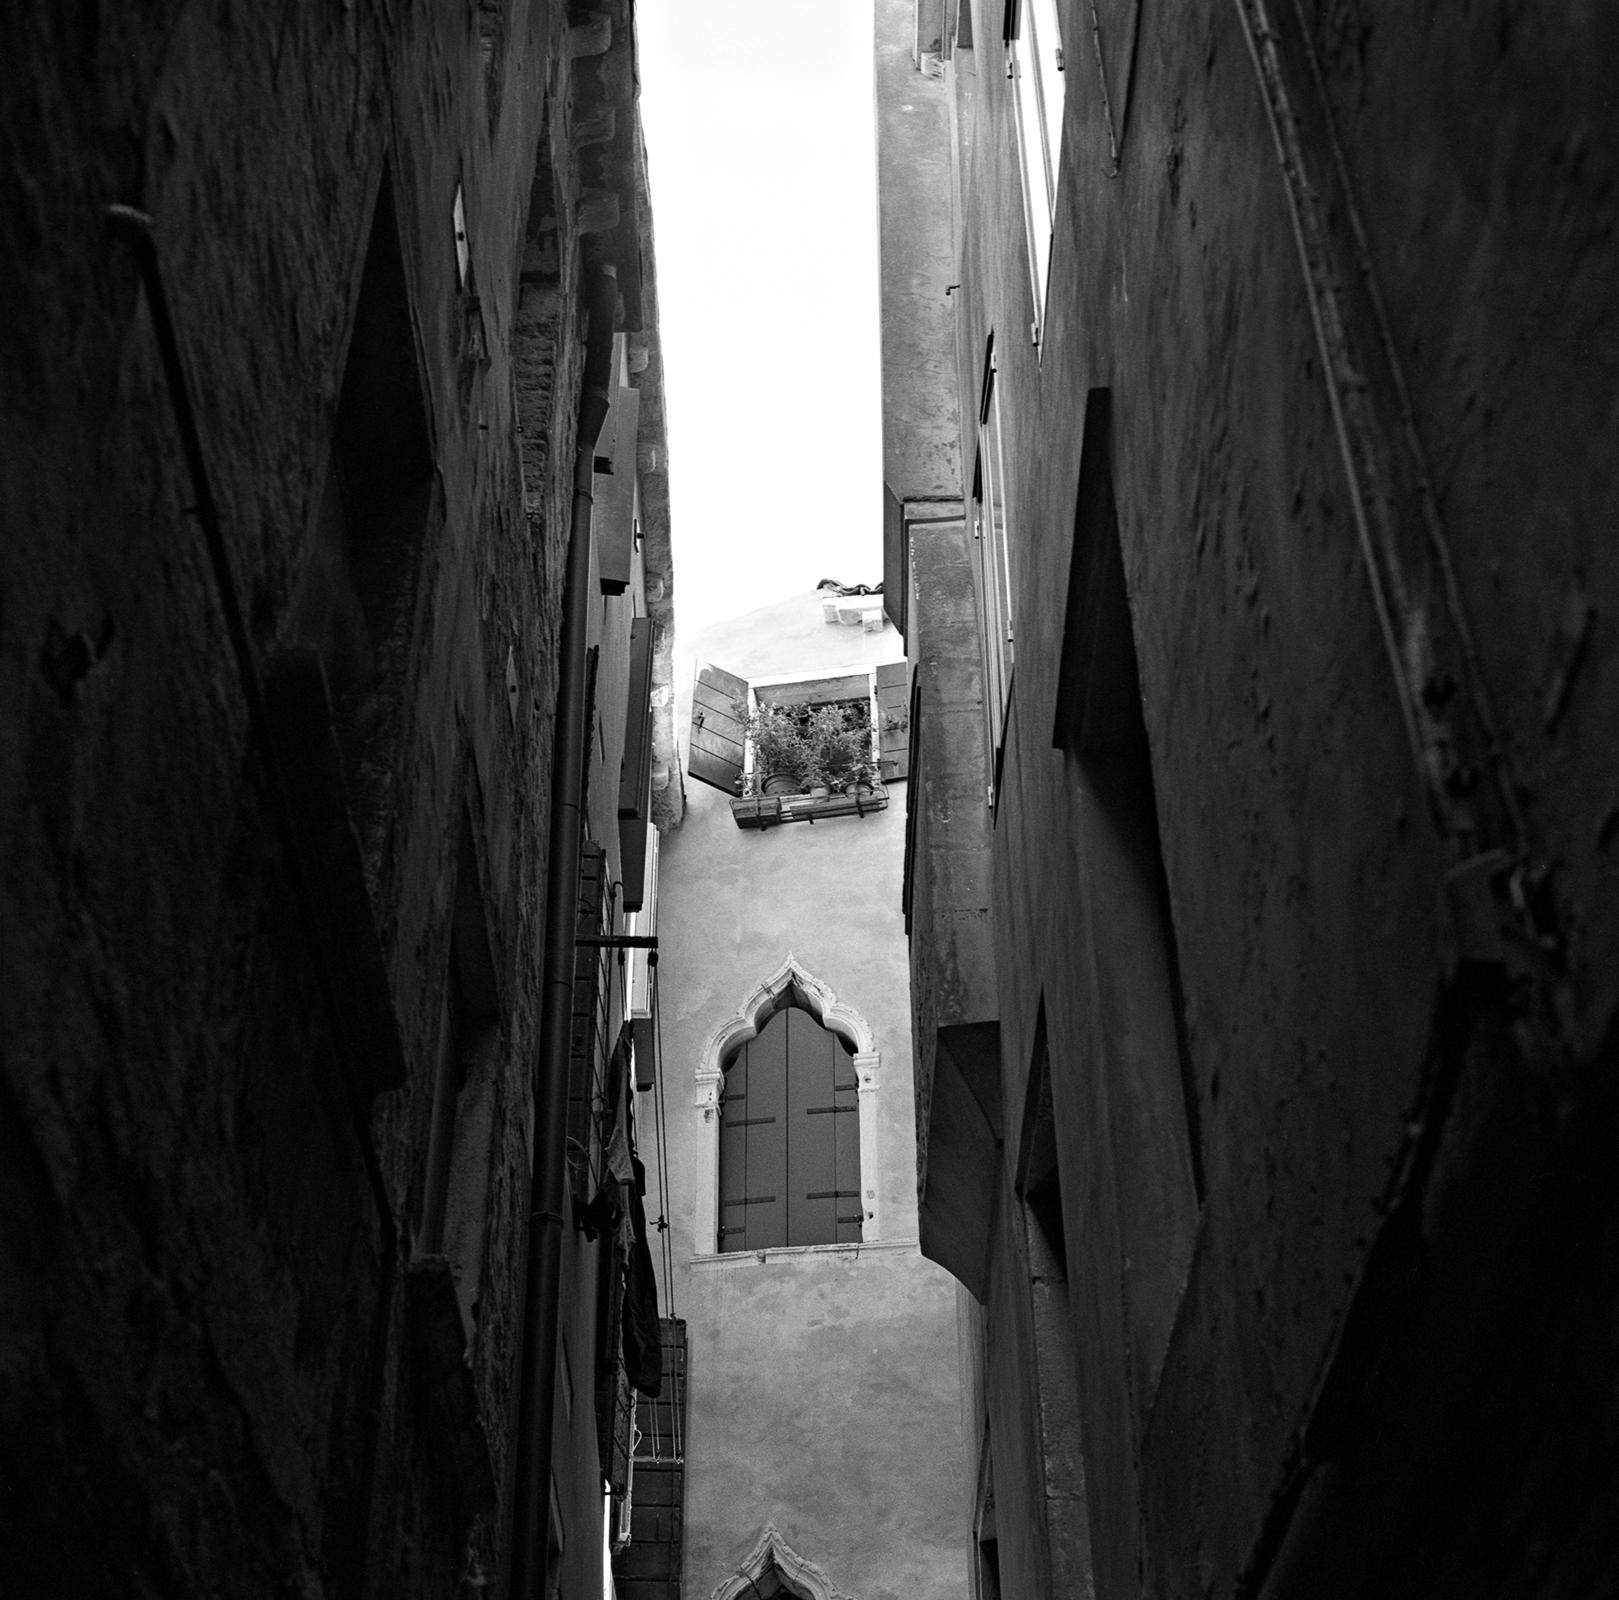 Venice-r7-005.jpg